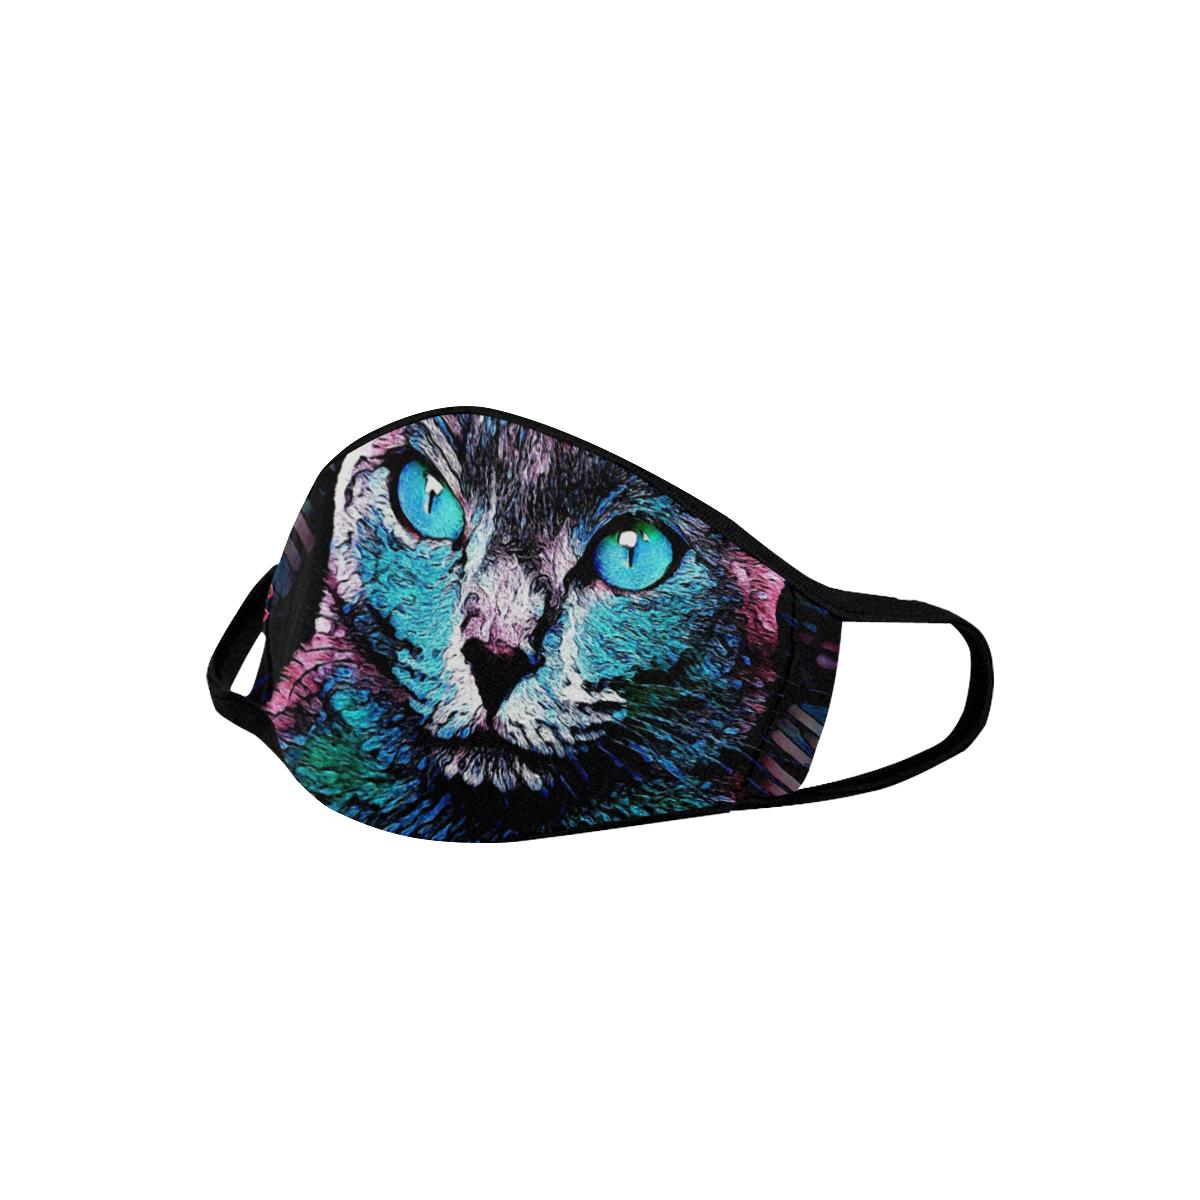 CAT ART BLUE DESIGN MASK Mouth Mask